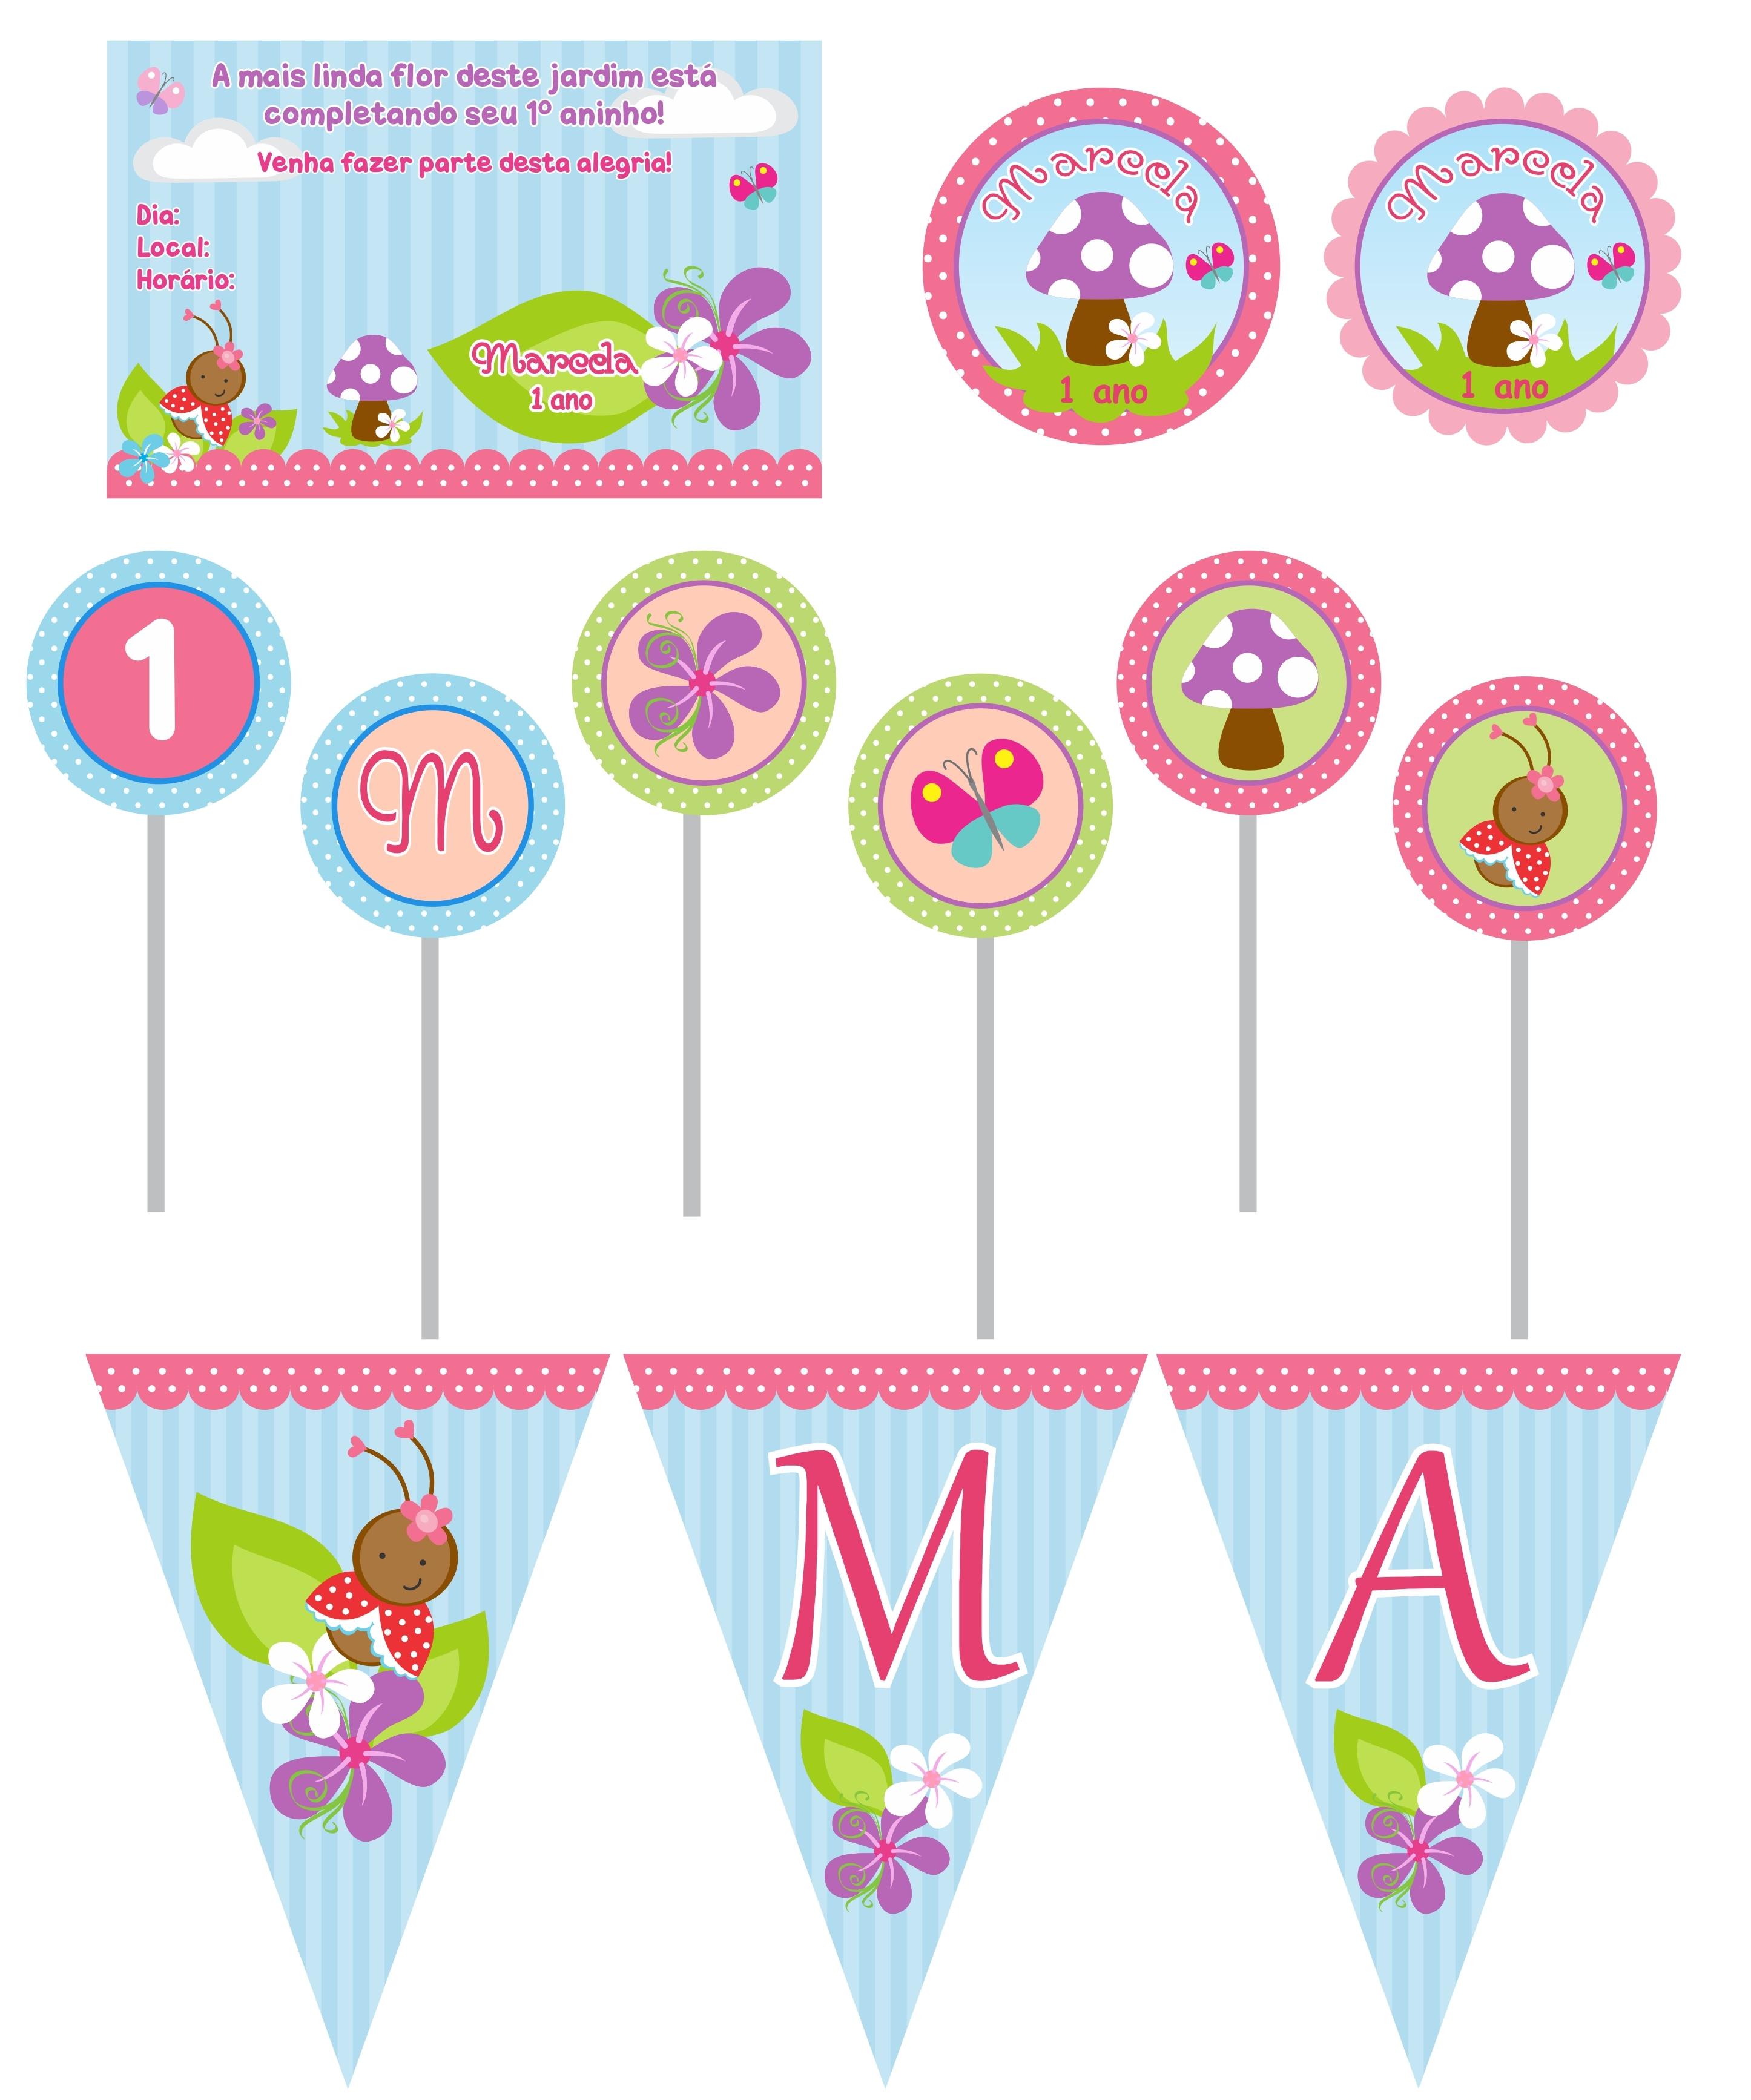 decoracao infantil jardim encantado cromus:Kit Festa jardim Encantado